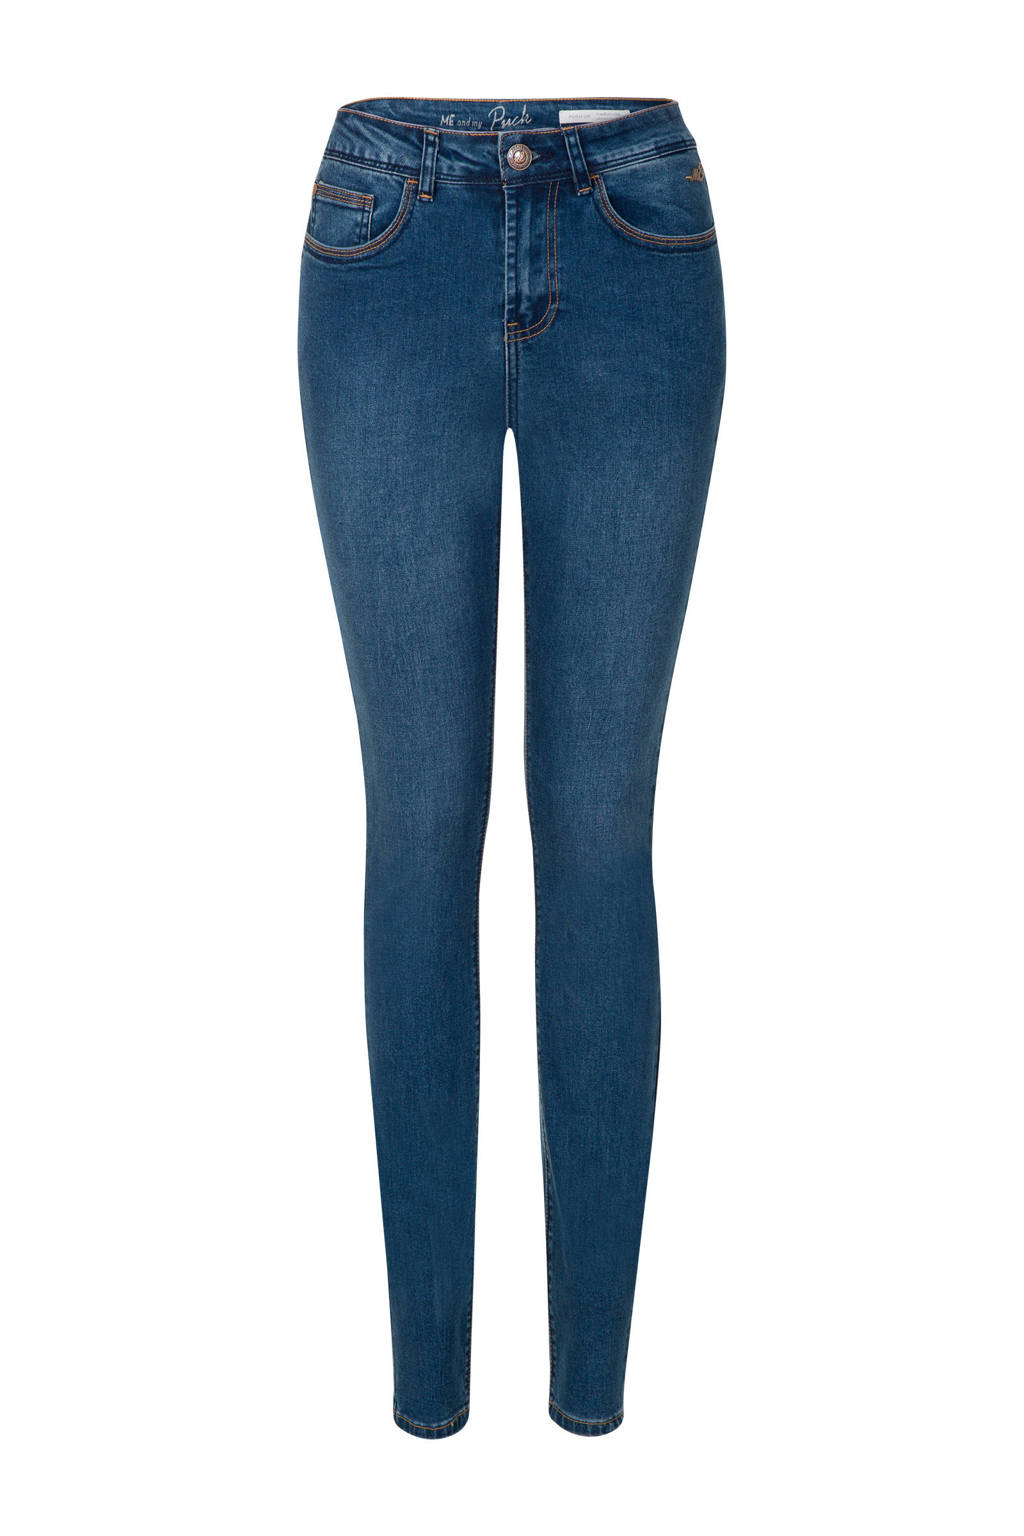 Miss Etam Lang skinny jeans Puck 36 inch, Blauw